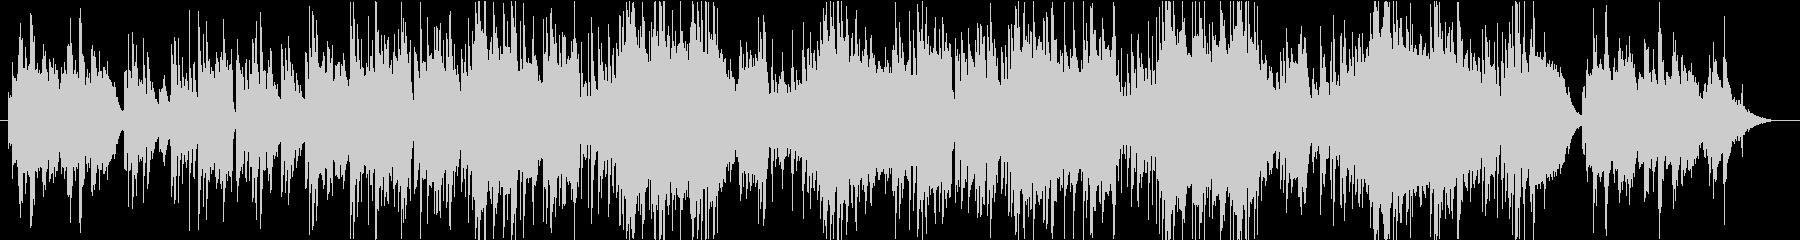 ピアノとストリングスの明るいワルツの未再生の波形